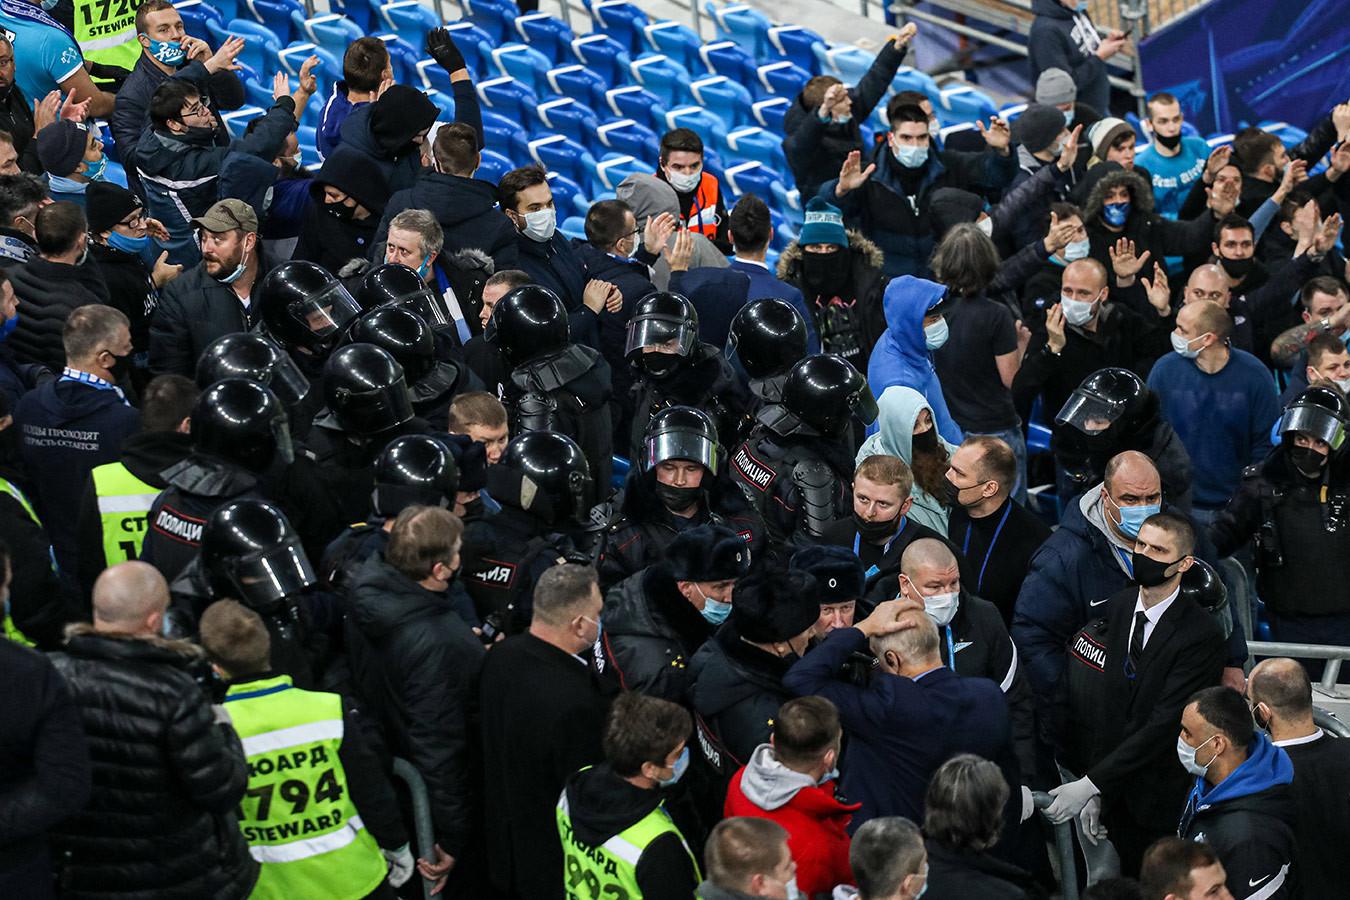 Полиция возбудила уголовное дело после драки фанатов на матче «Зенит» — «Спартак»